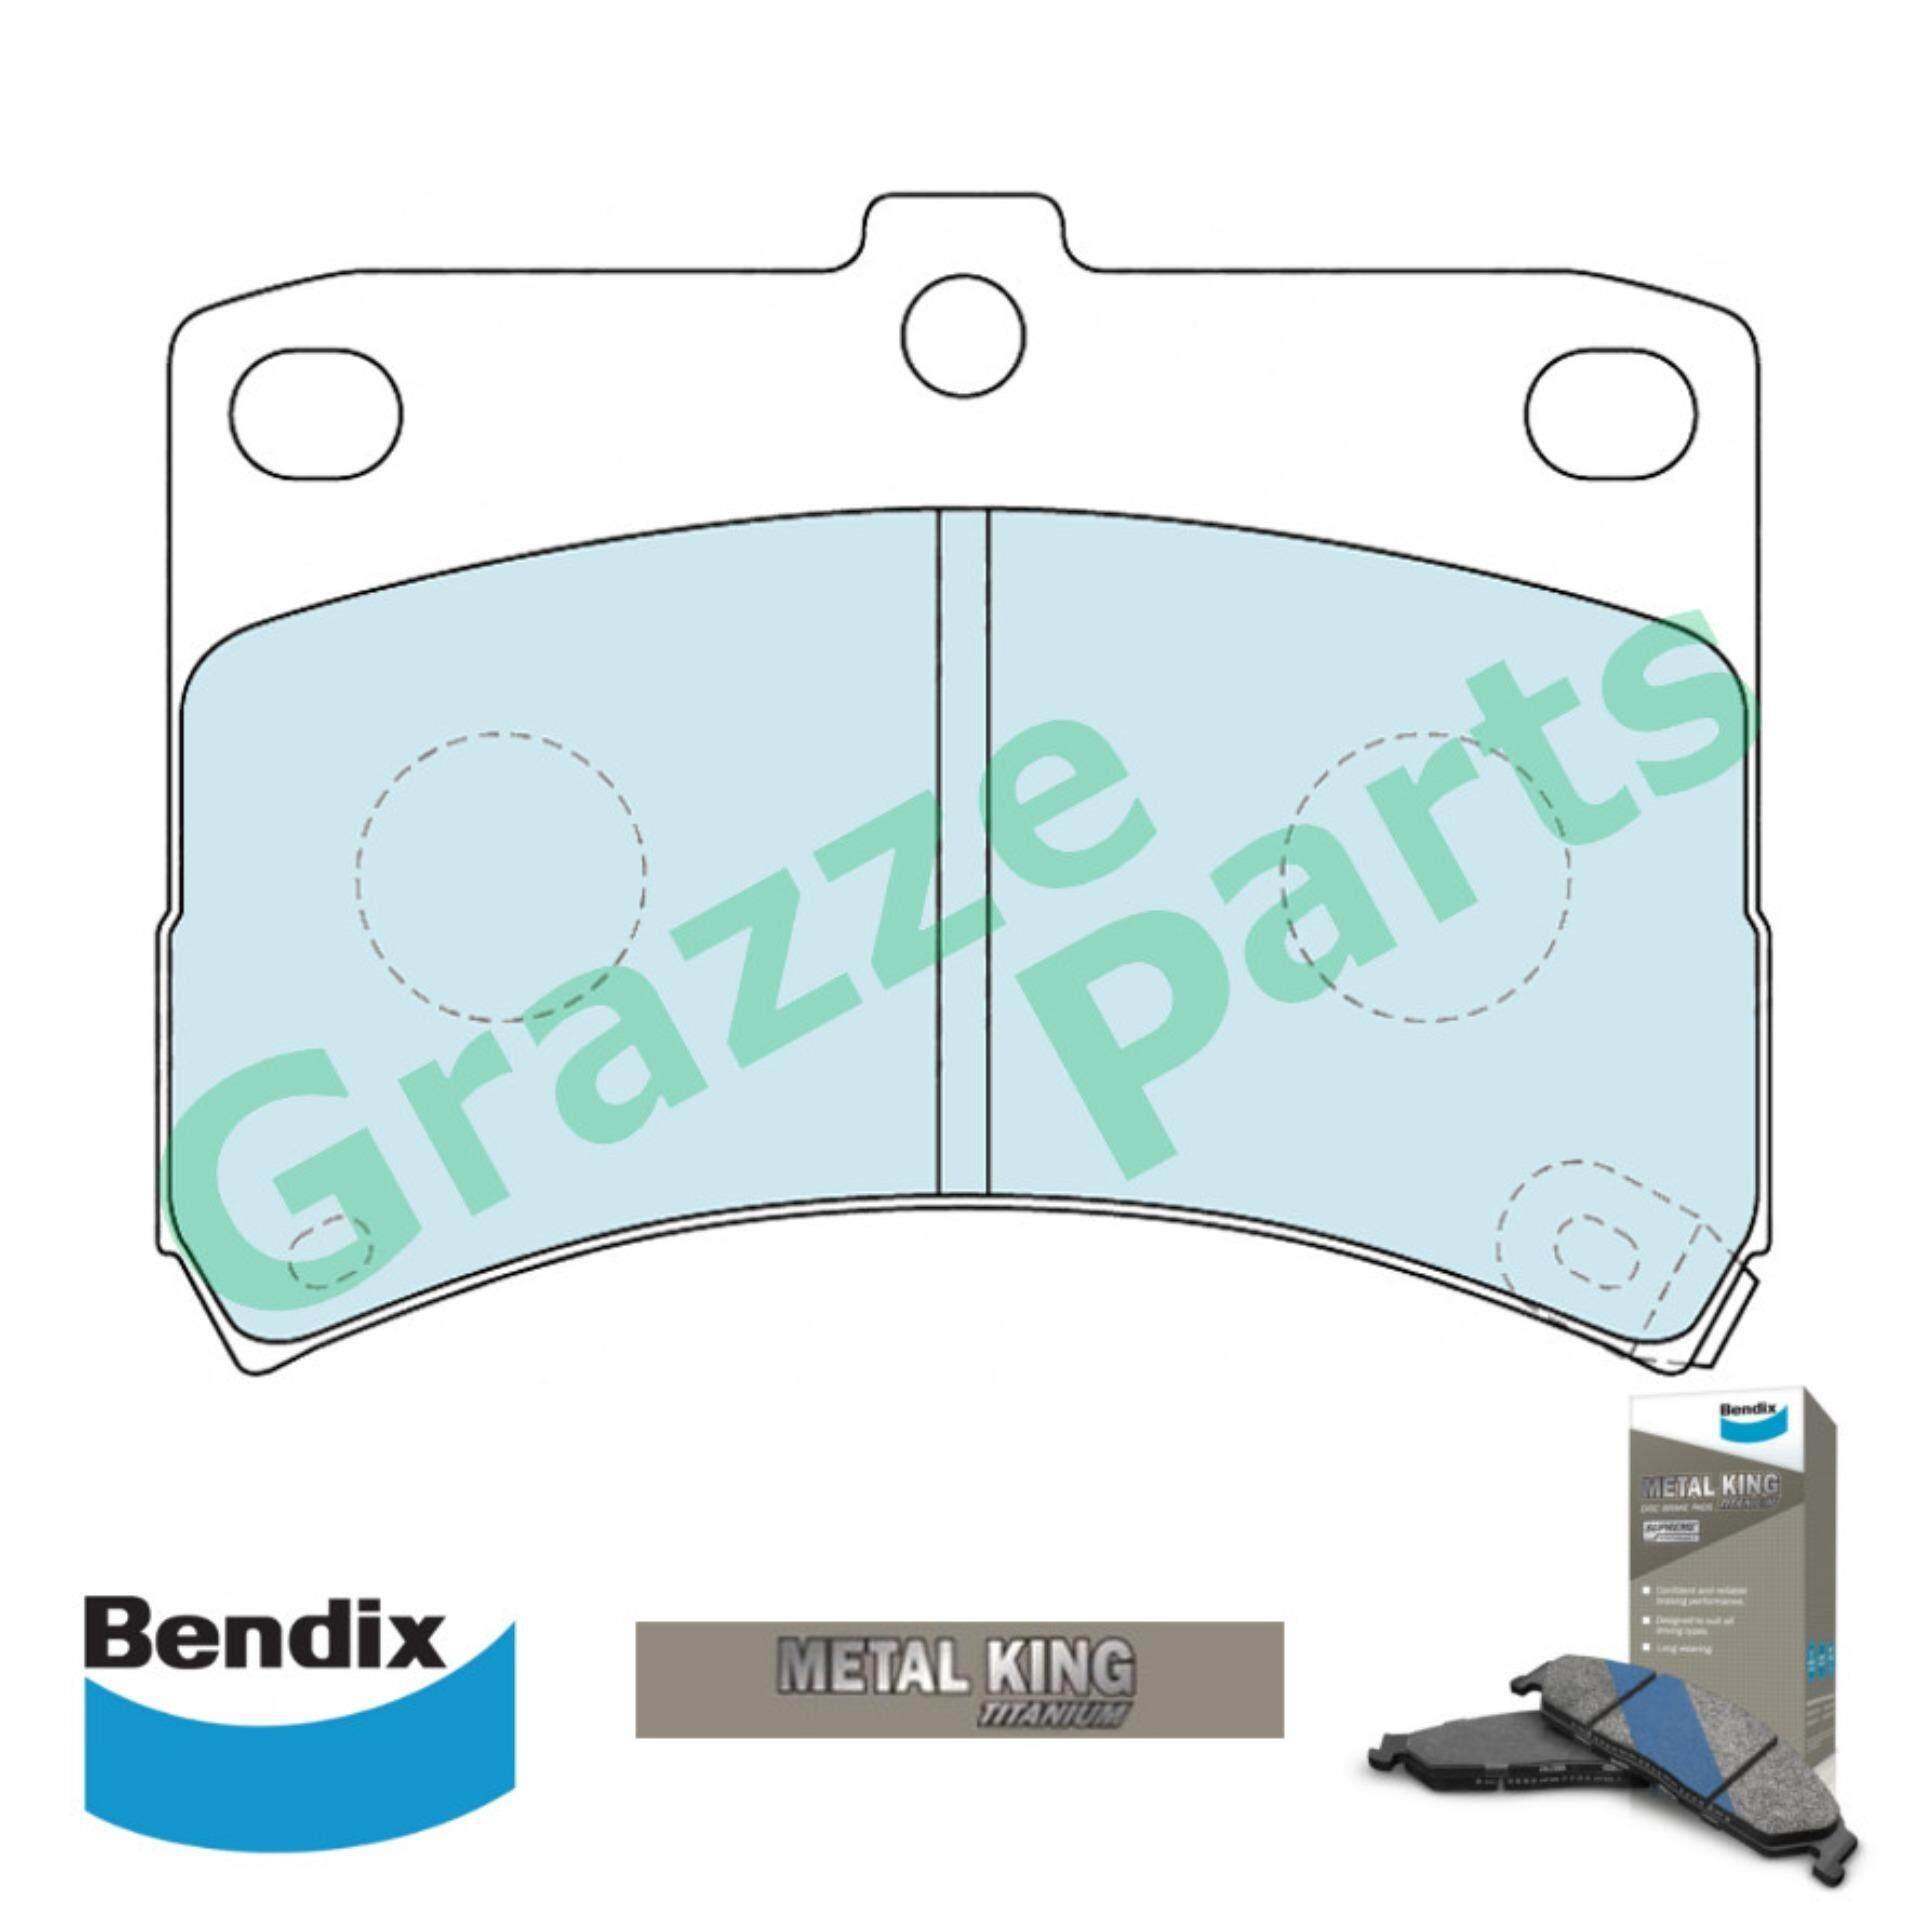 Bendix Metal King Titanium Disc Brake Pad Front for DB1413 - Perodua Kelisa Kenari